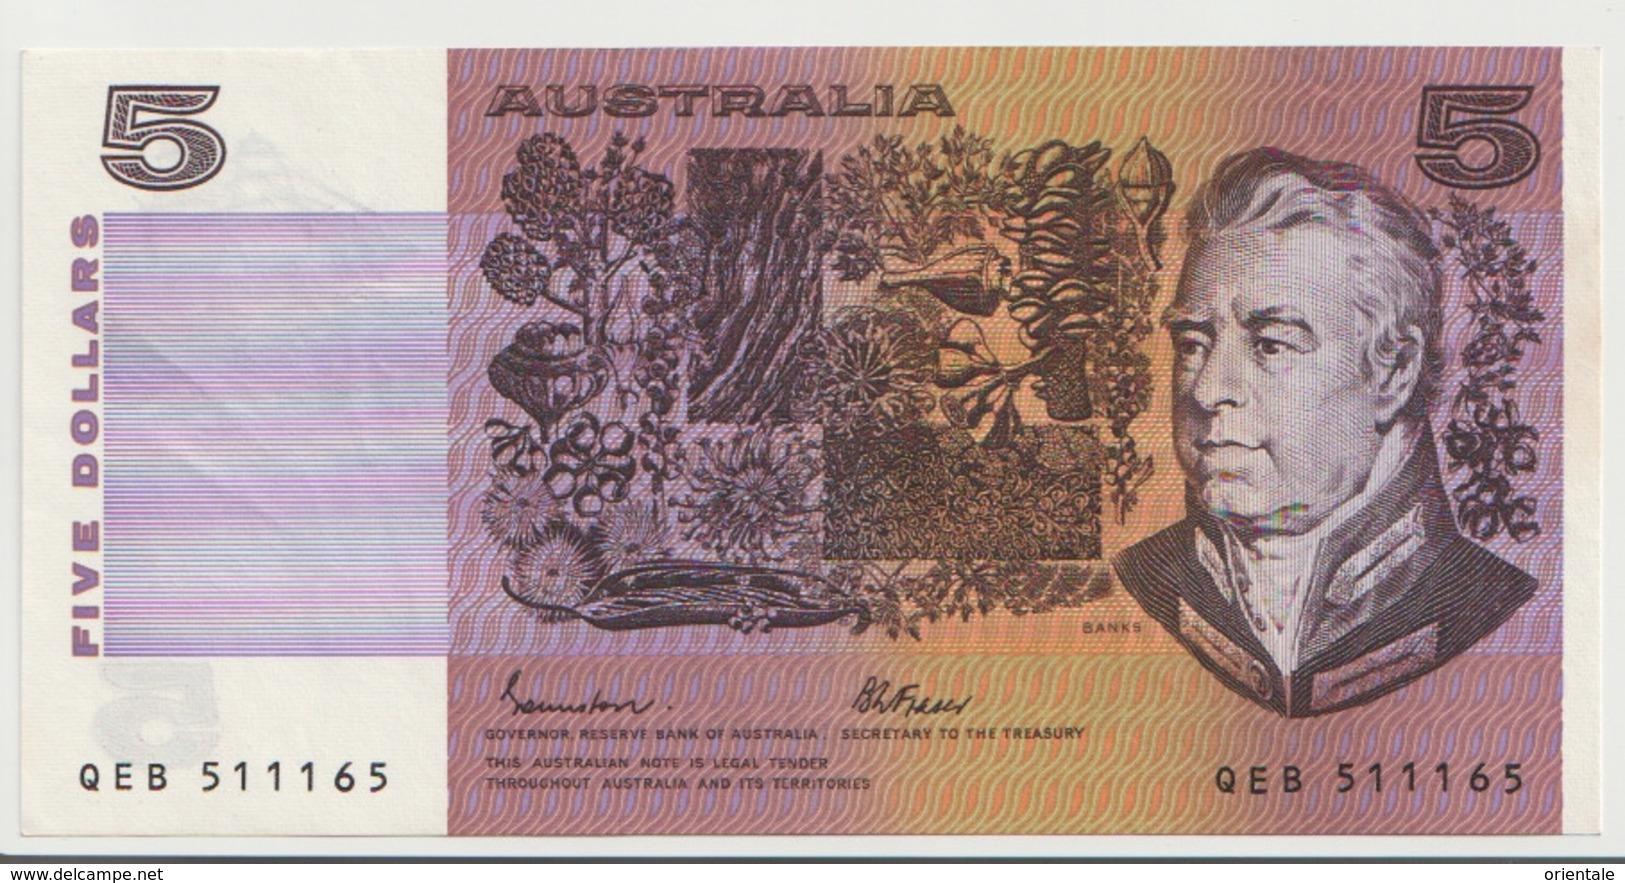 AUSTRALIA P. 44e 5 D 1980 AUNC - Decimal Government Issues 1966-...